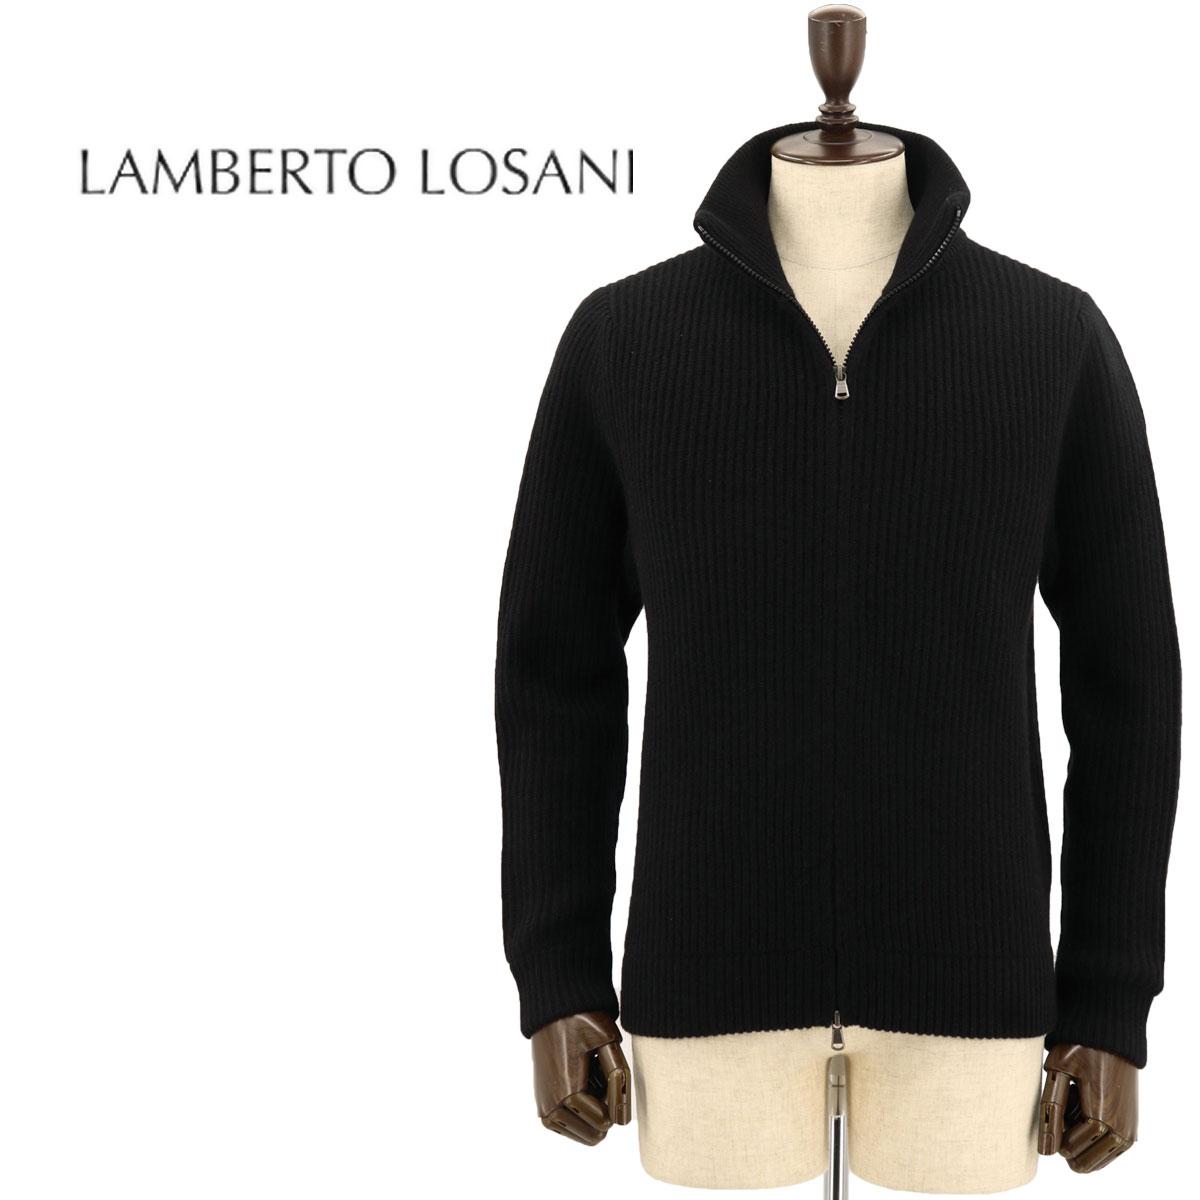 【クリアランスセール】ランベルト ロザーニ LAMBERTO LOSANI メンズ カシミヤ ジップアップ カーディガン H288095/901 (ブラック)【返品交換不可】